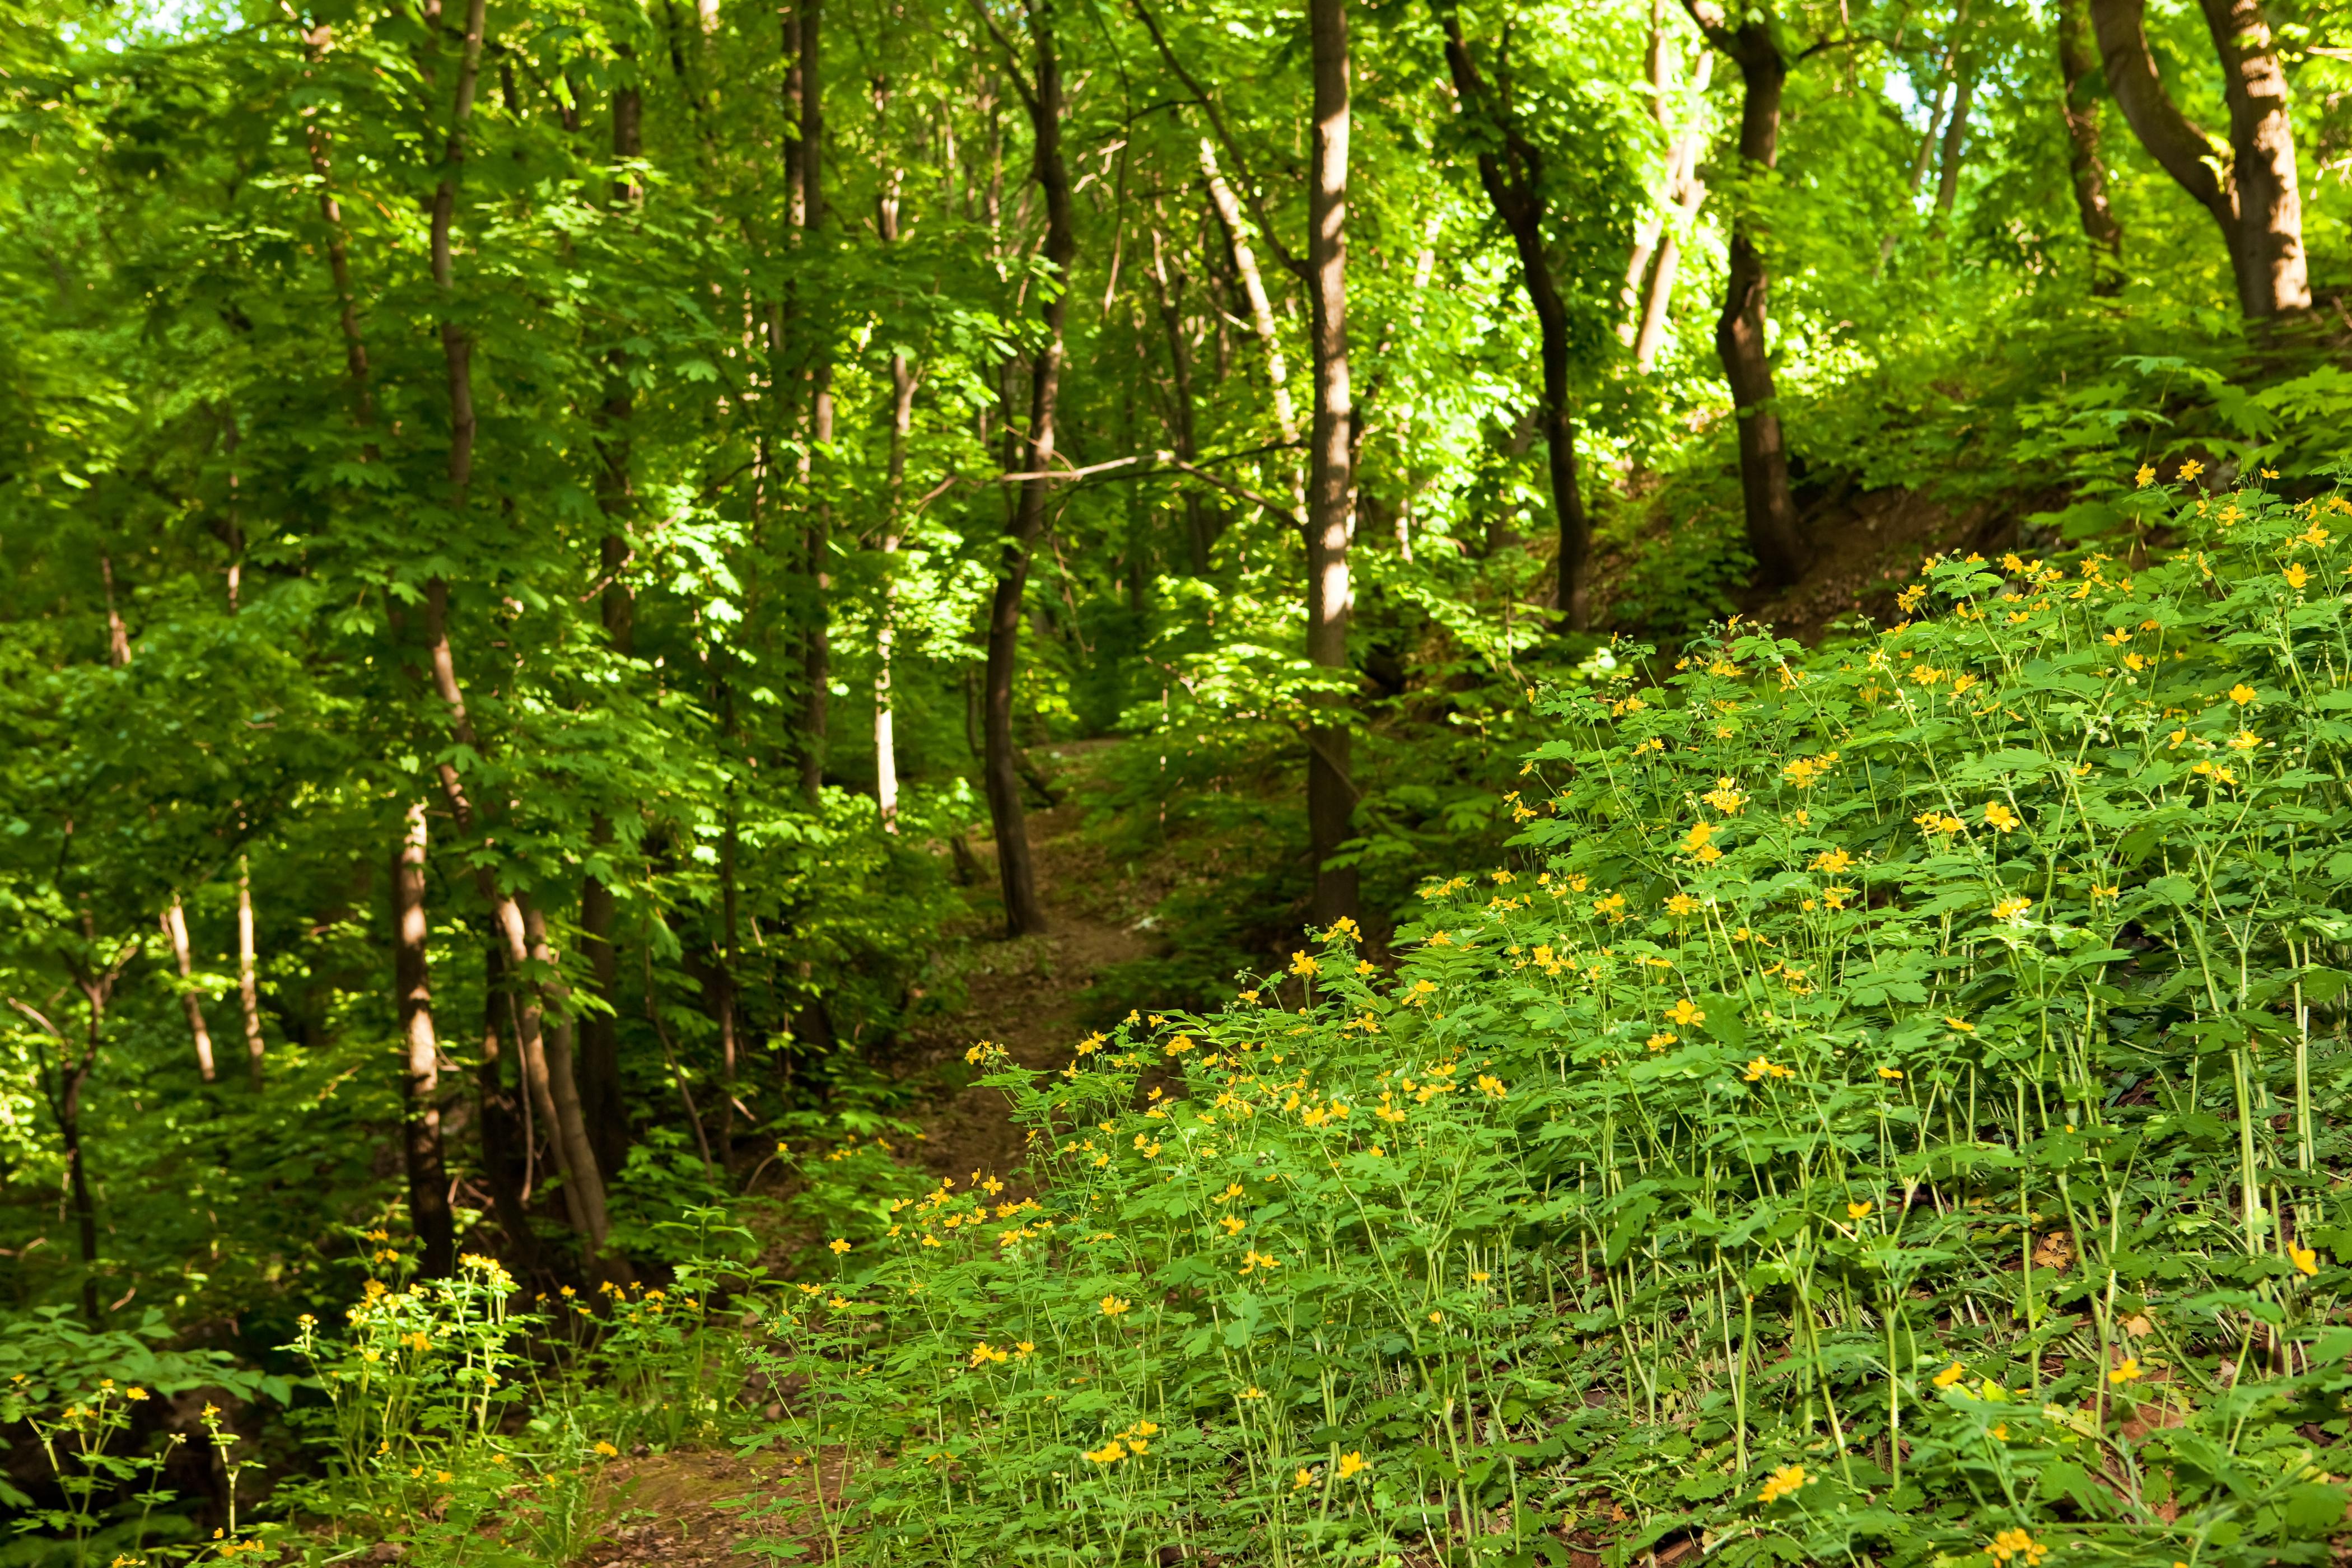 Nature scene photo